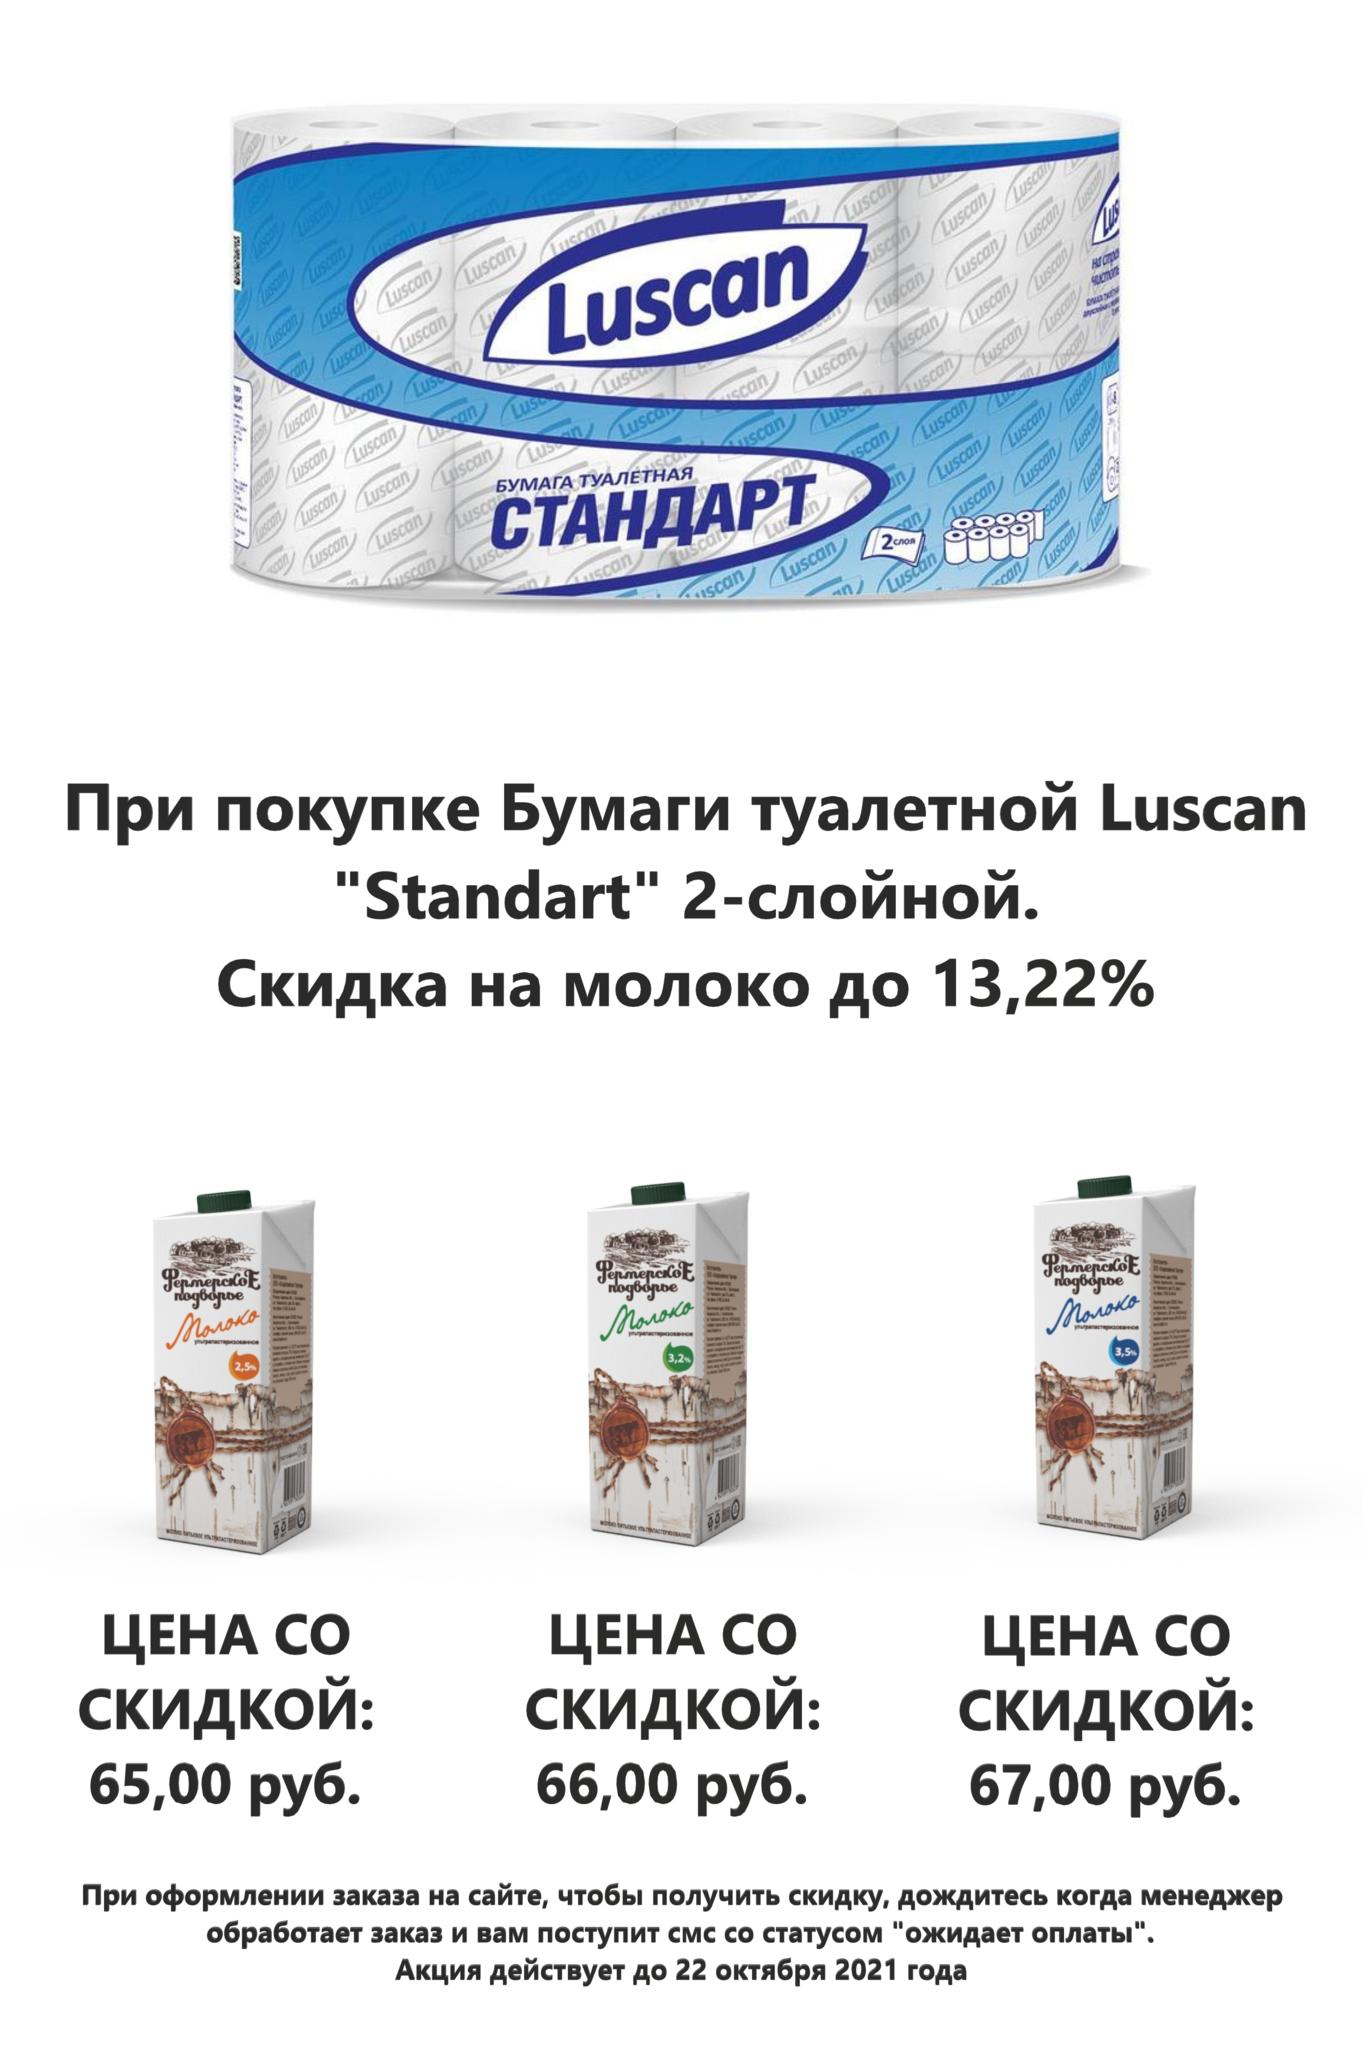 Туалетную бумагу покупай и скидку на молоко получай